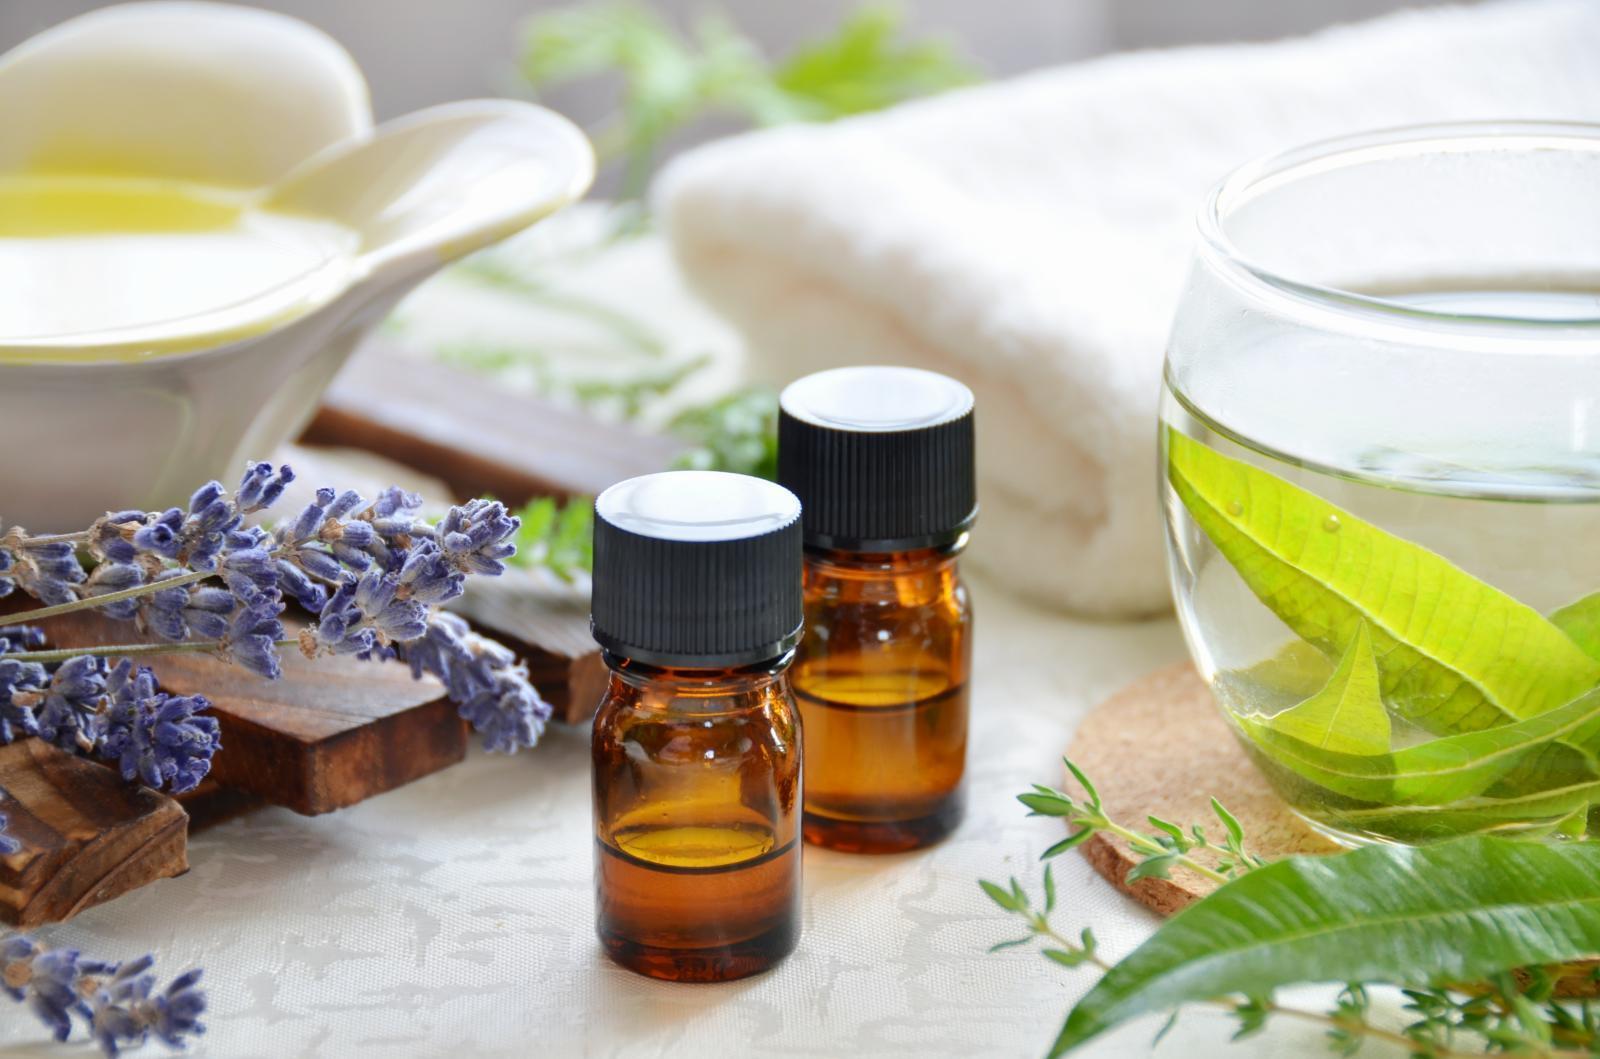 Vnitřní užívání éterických olejů